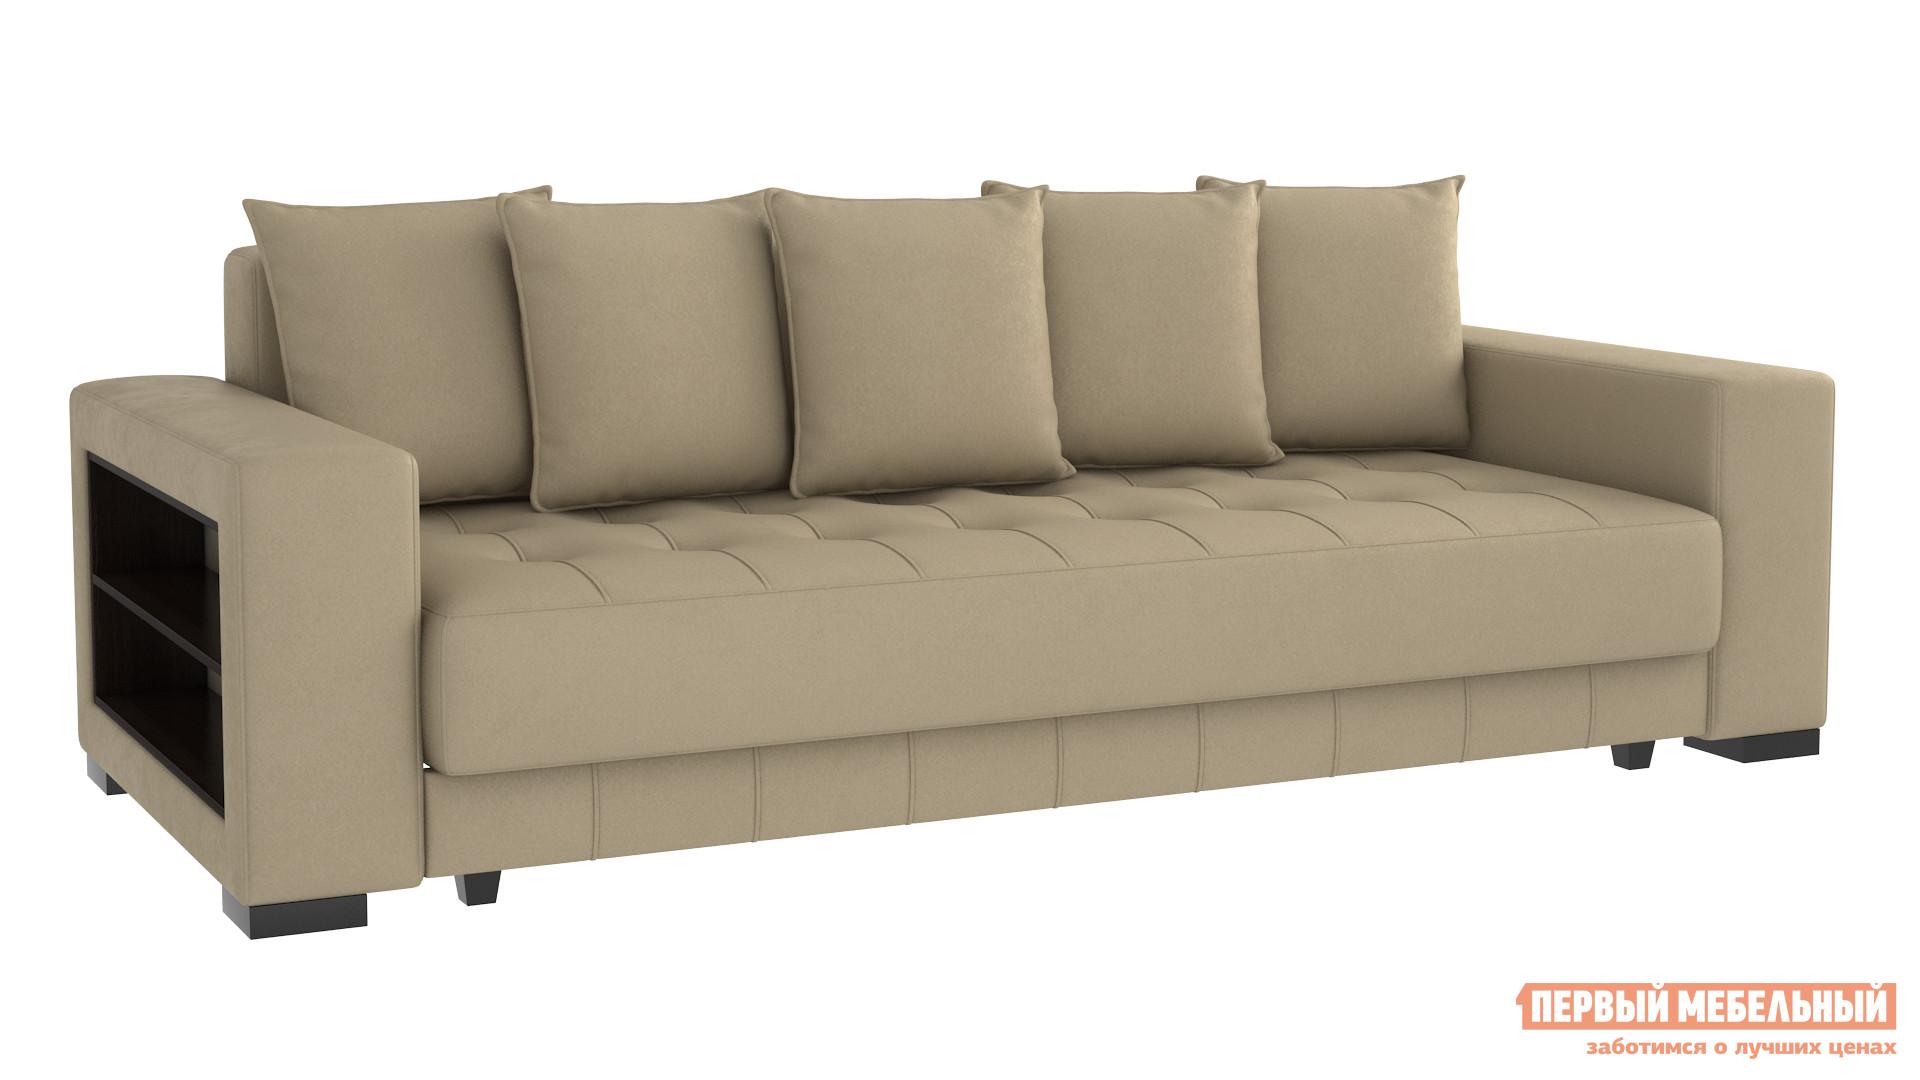 Прямой диван Первый Мебельный Диван Классик